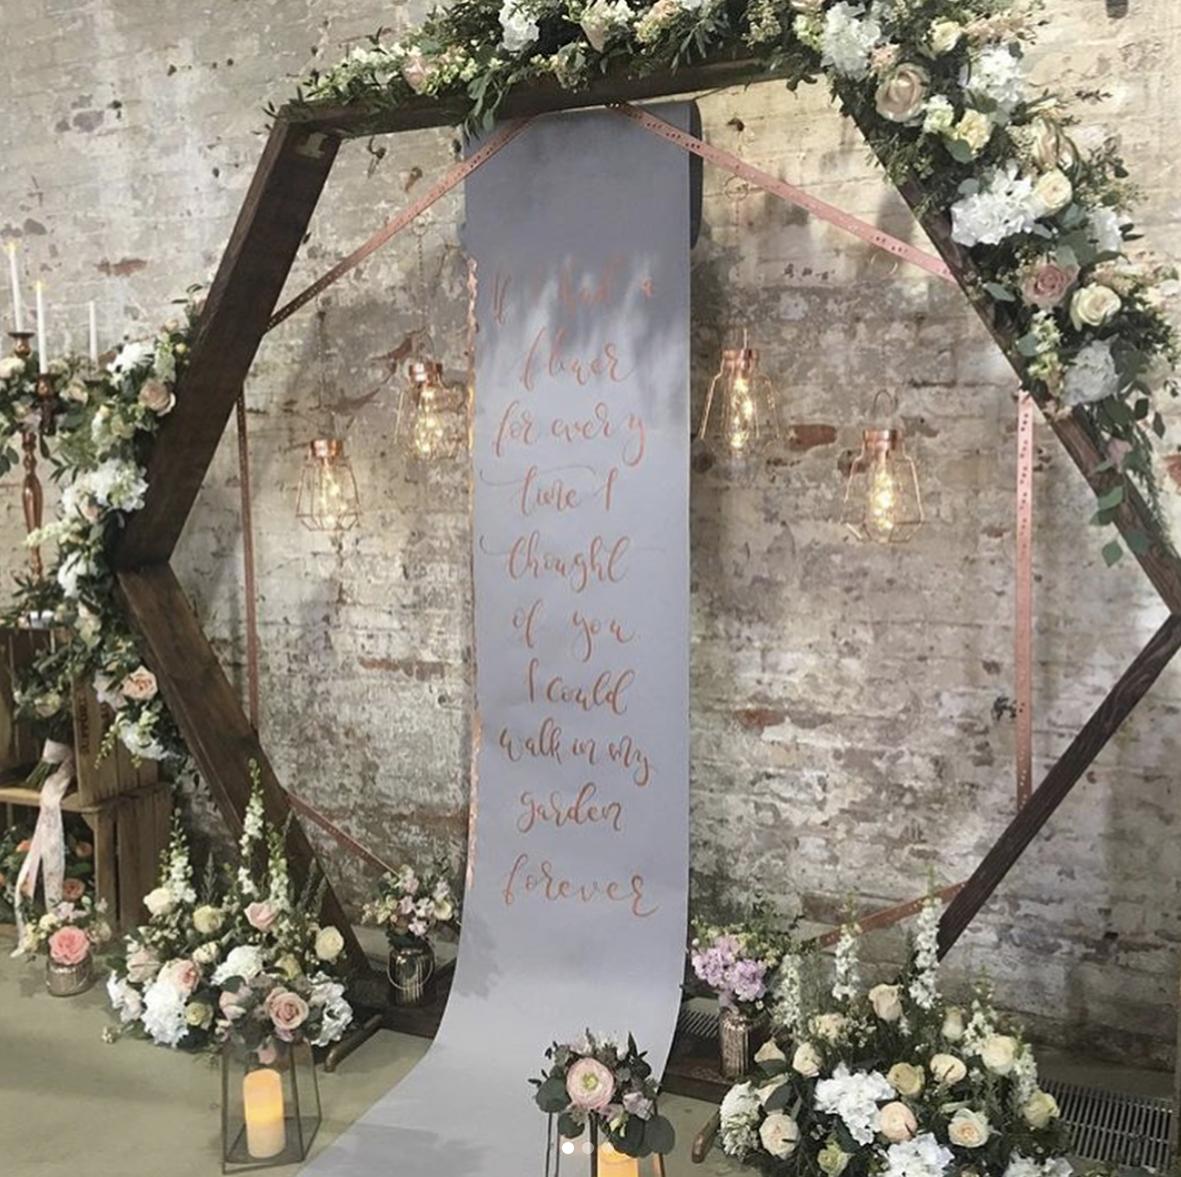 Scrolls signage for weddings